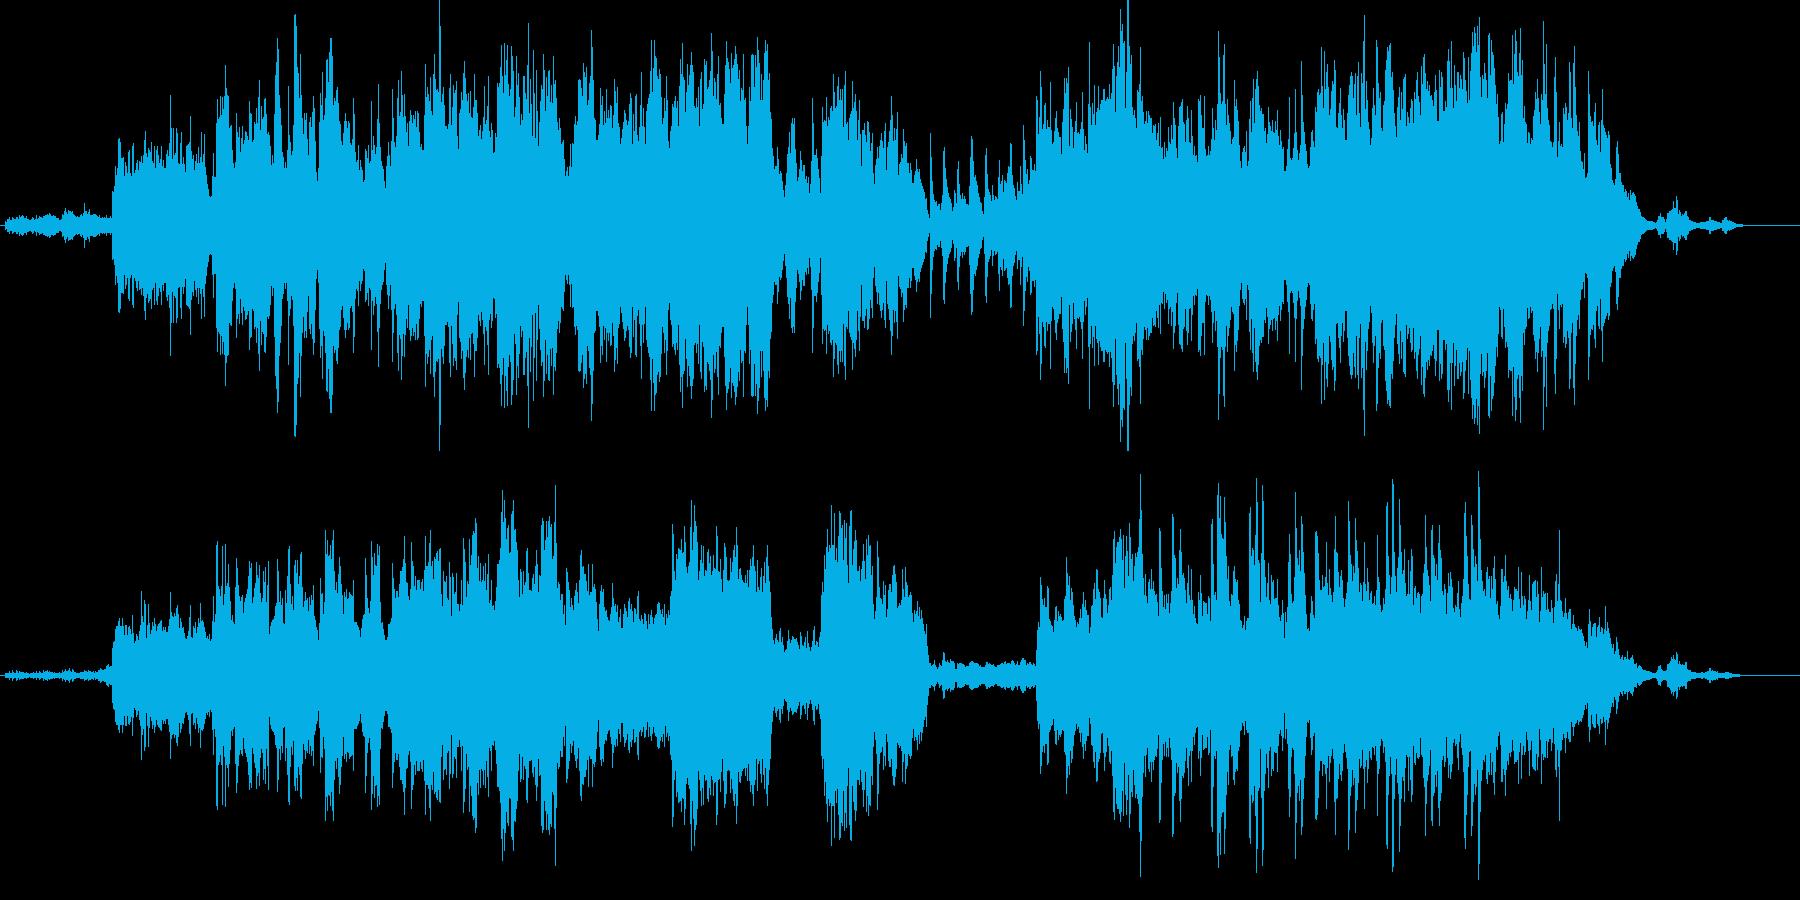 和を感じるクラシカル曲/バイオリン生演奏の再生済みの波形